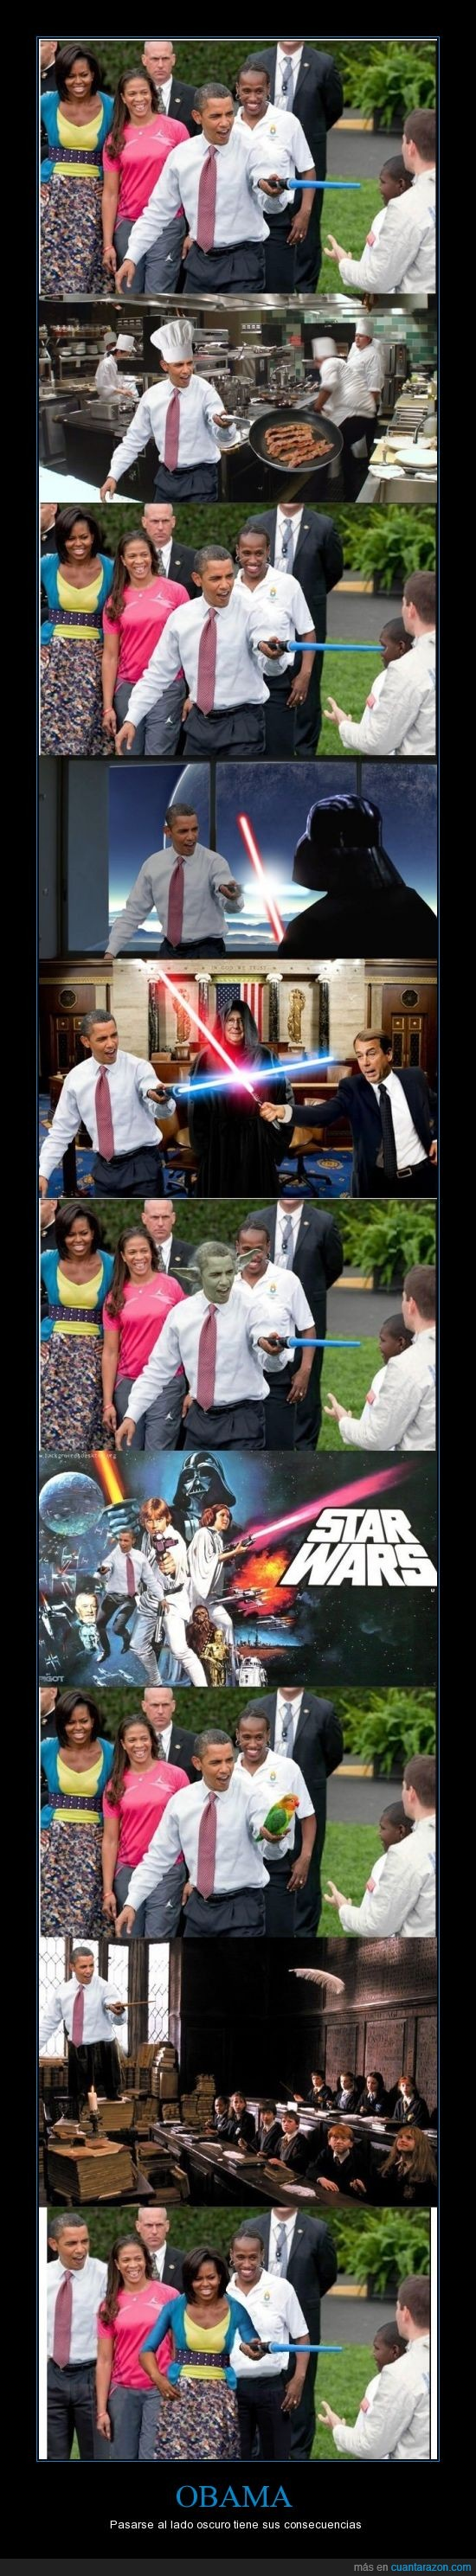 Barack Obama,Michelle Obama,no?,obama sera del lado oscuro,presidente EE UU